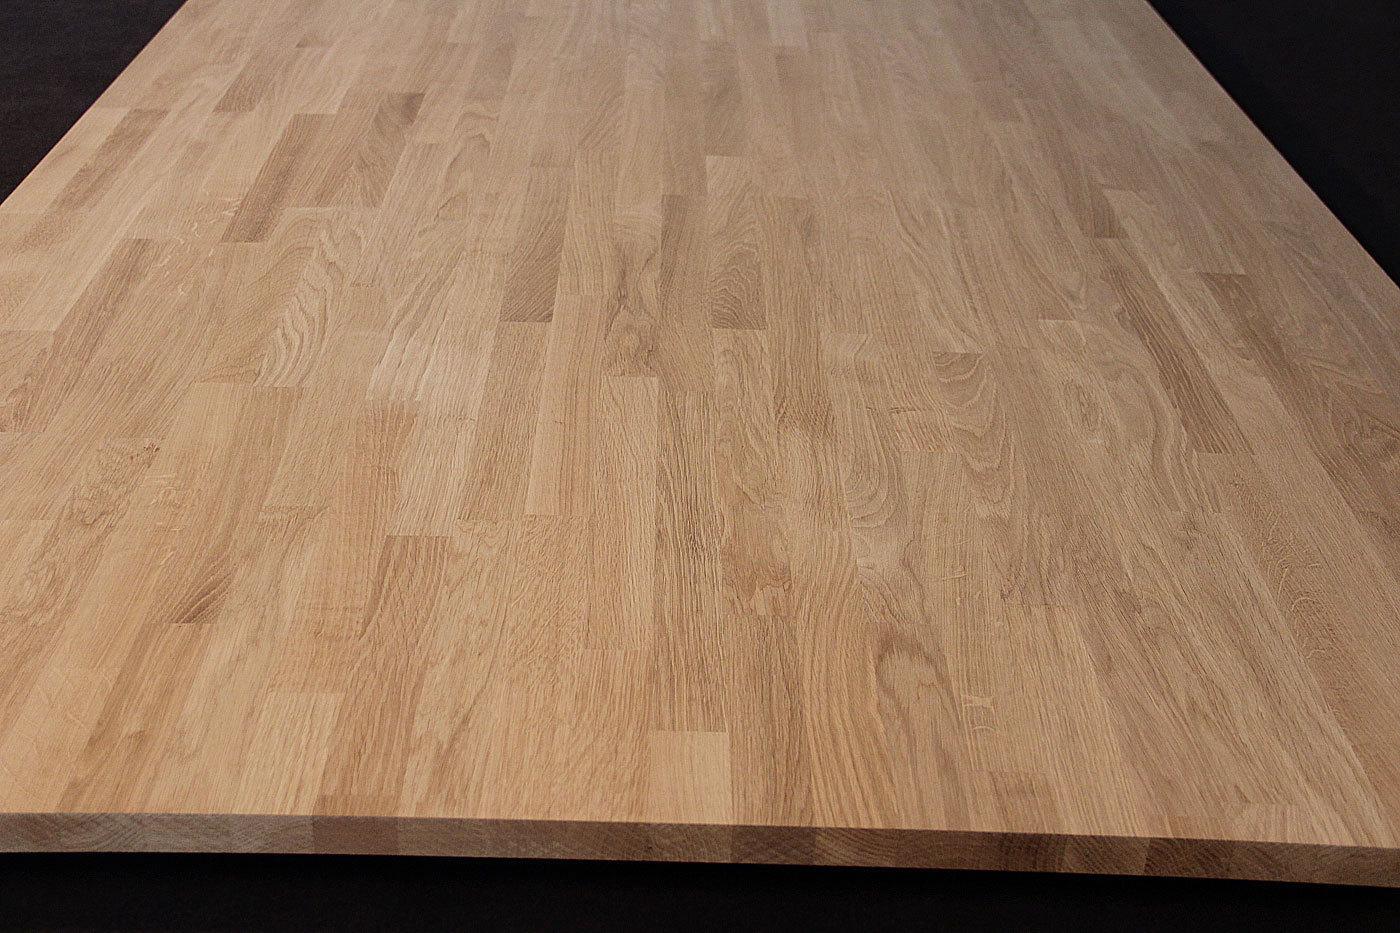 arbeitsplatte k chenarbeitsplatte massivholz eiche kgz 26 2900 900. Black Bedroom Furniture Sets. Home Design Ideas